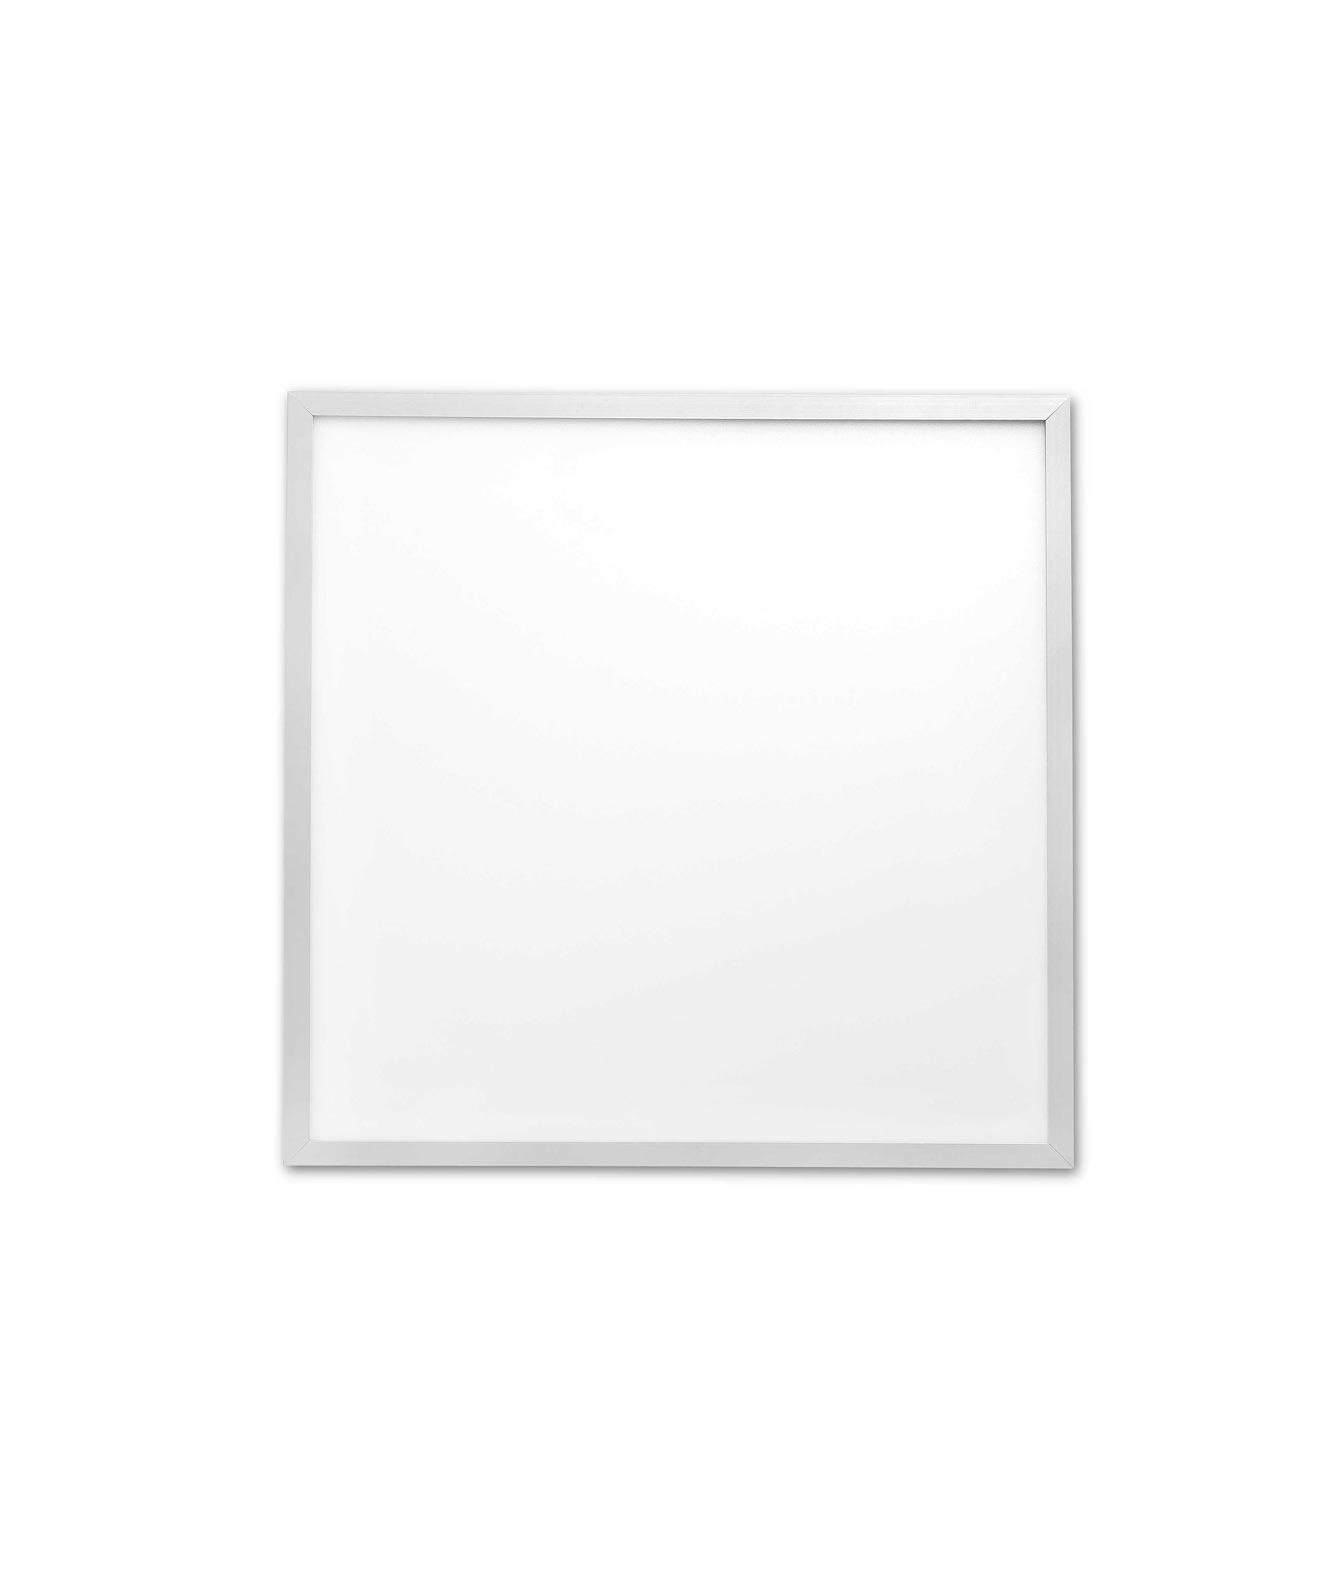 Panel empotrable de techo de LED luz cálida FLAT